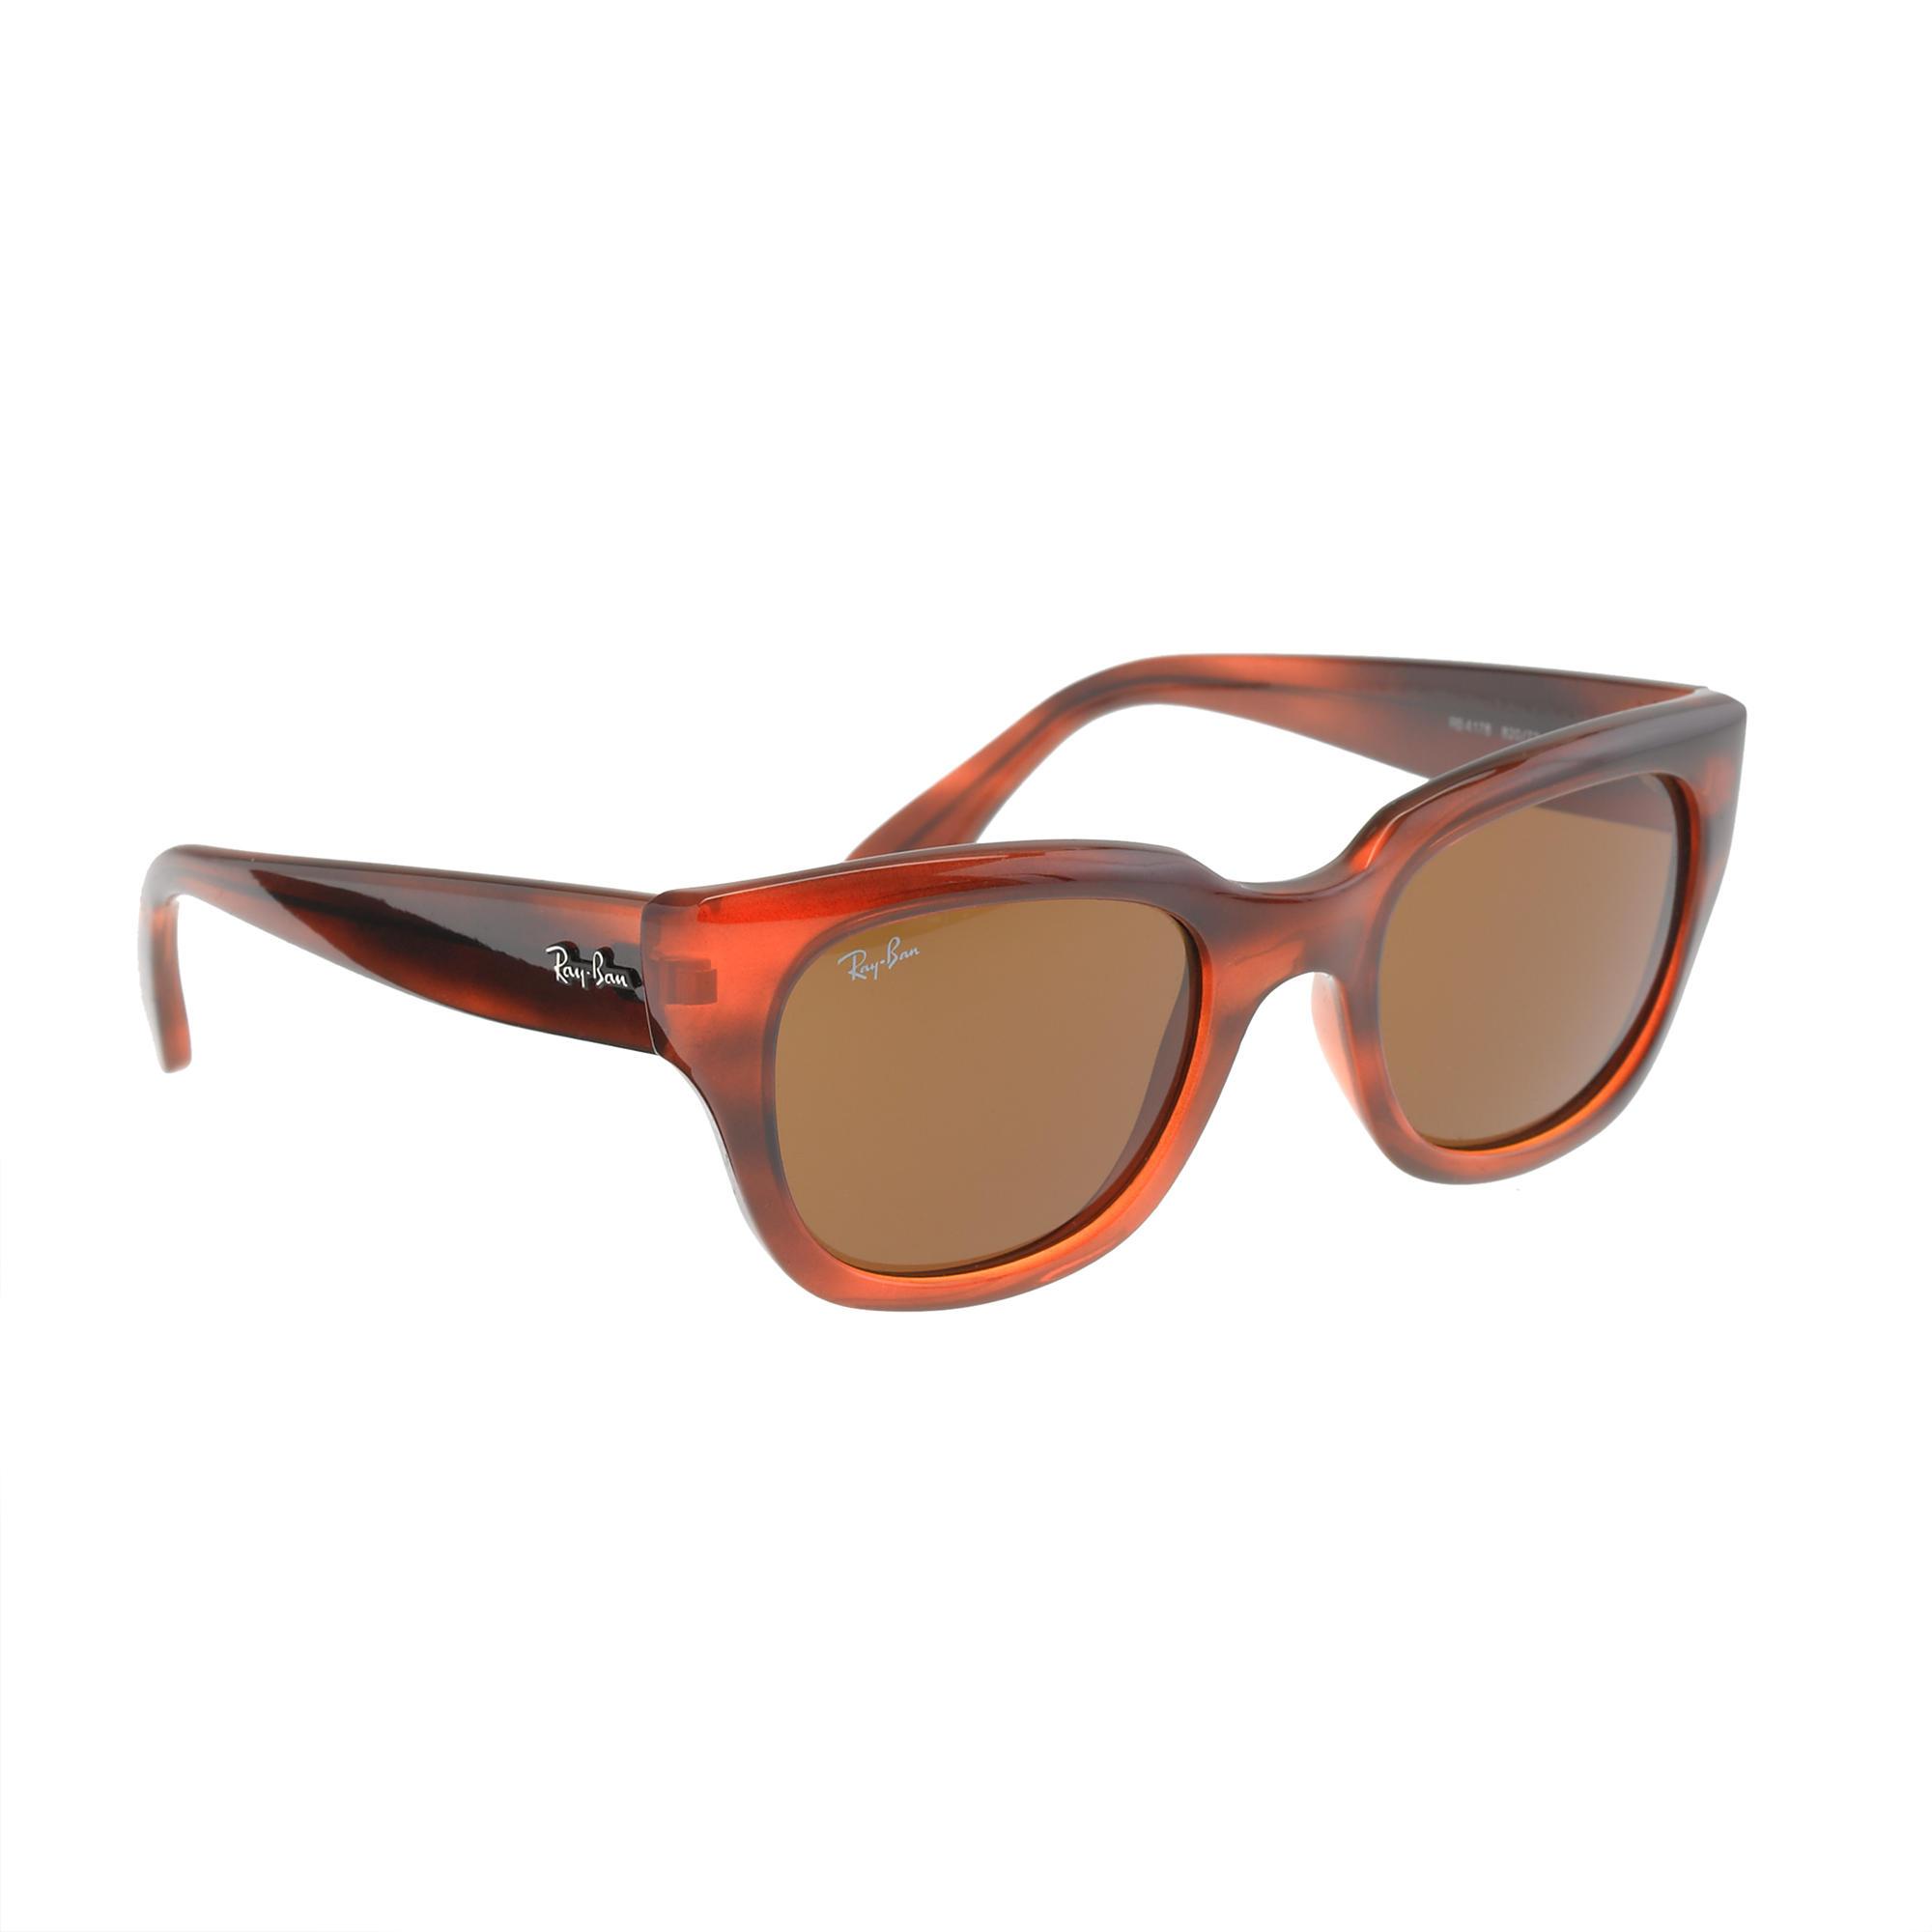 ray ban cat eye wayfarer sunglasses  ray ban? cat eye wayfarer? sunglasses